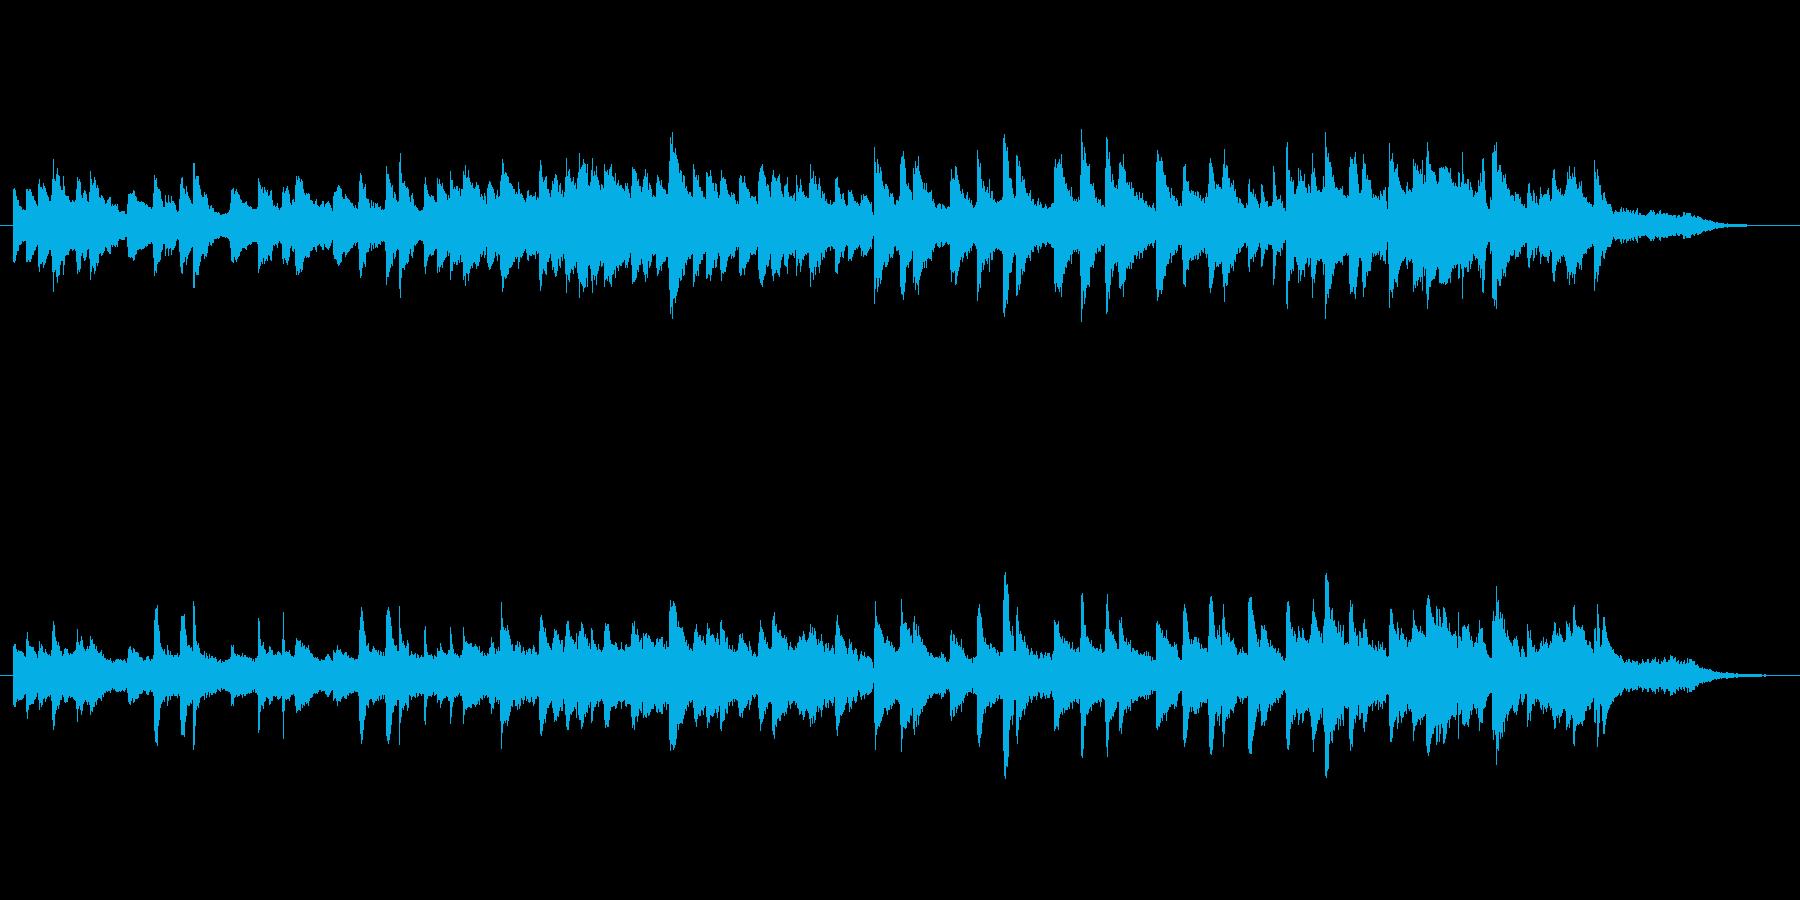 切なく感動的なピアノとストリングス曲の再生済みの波形